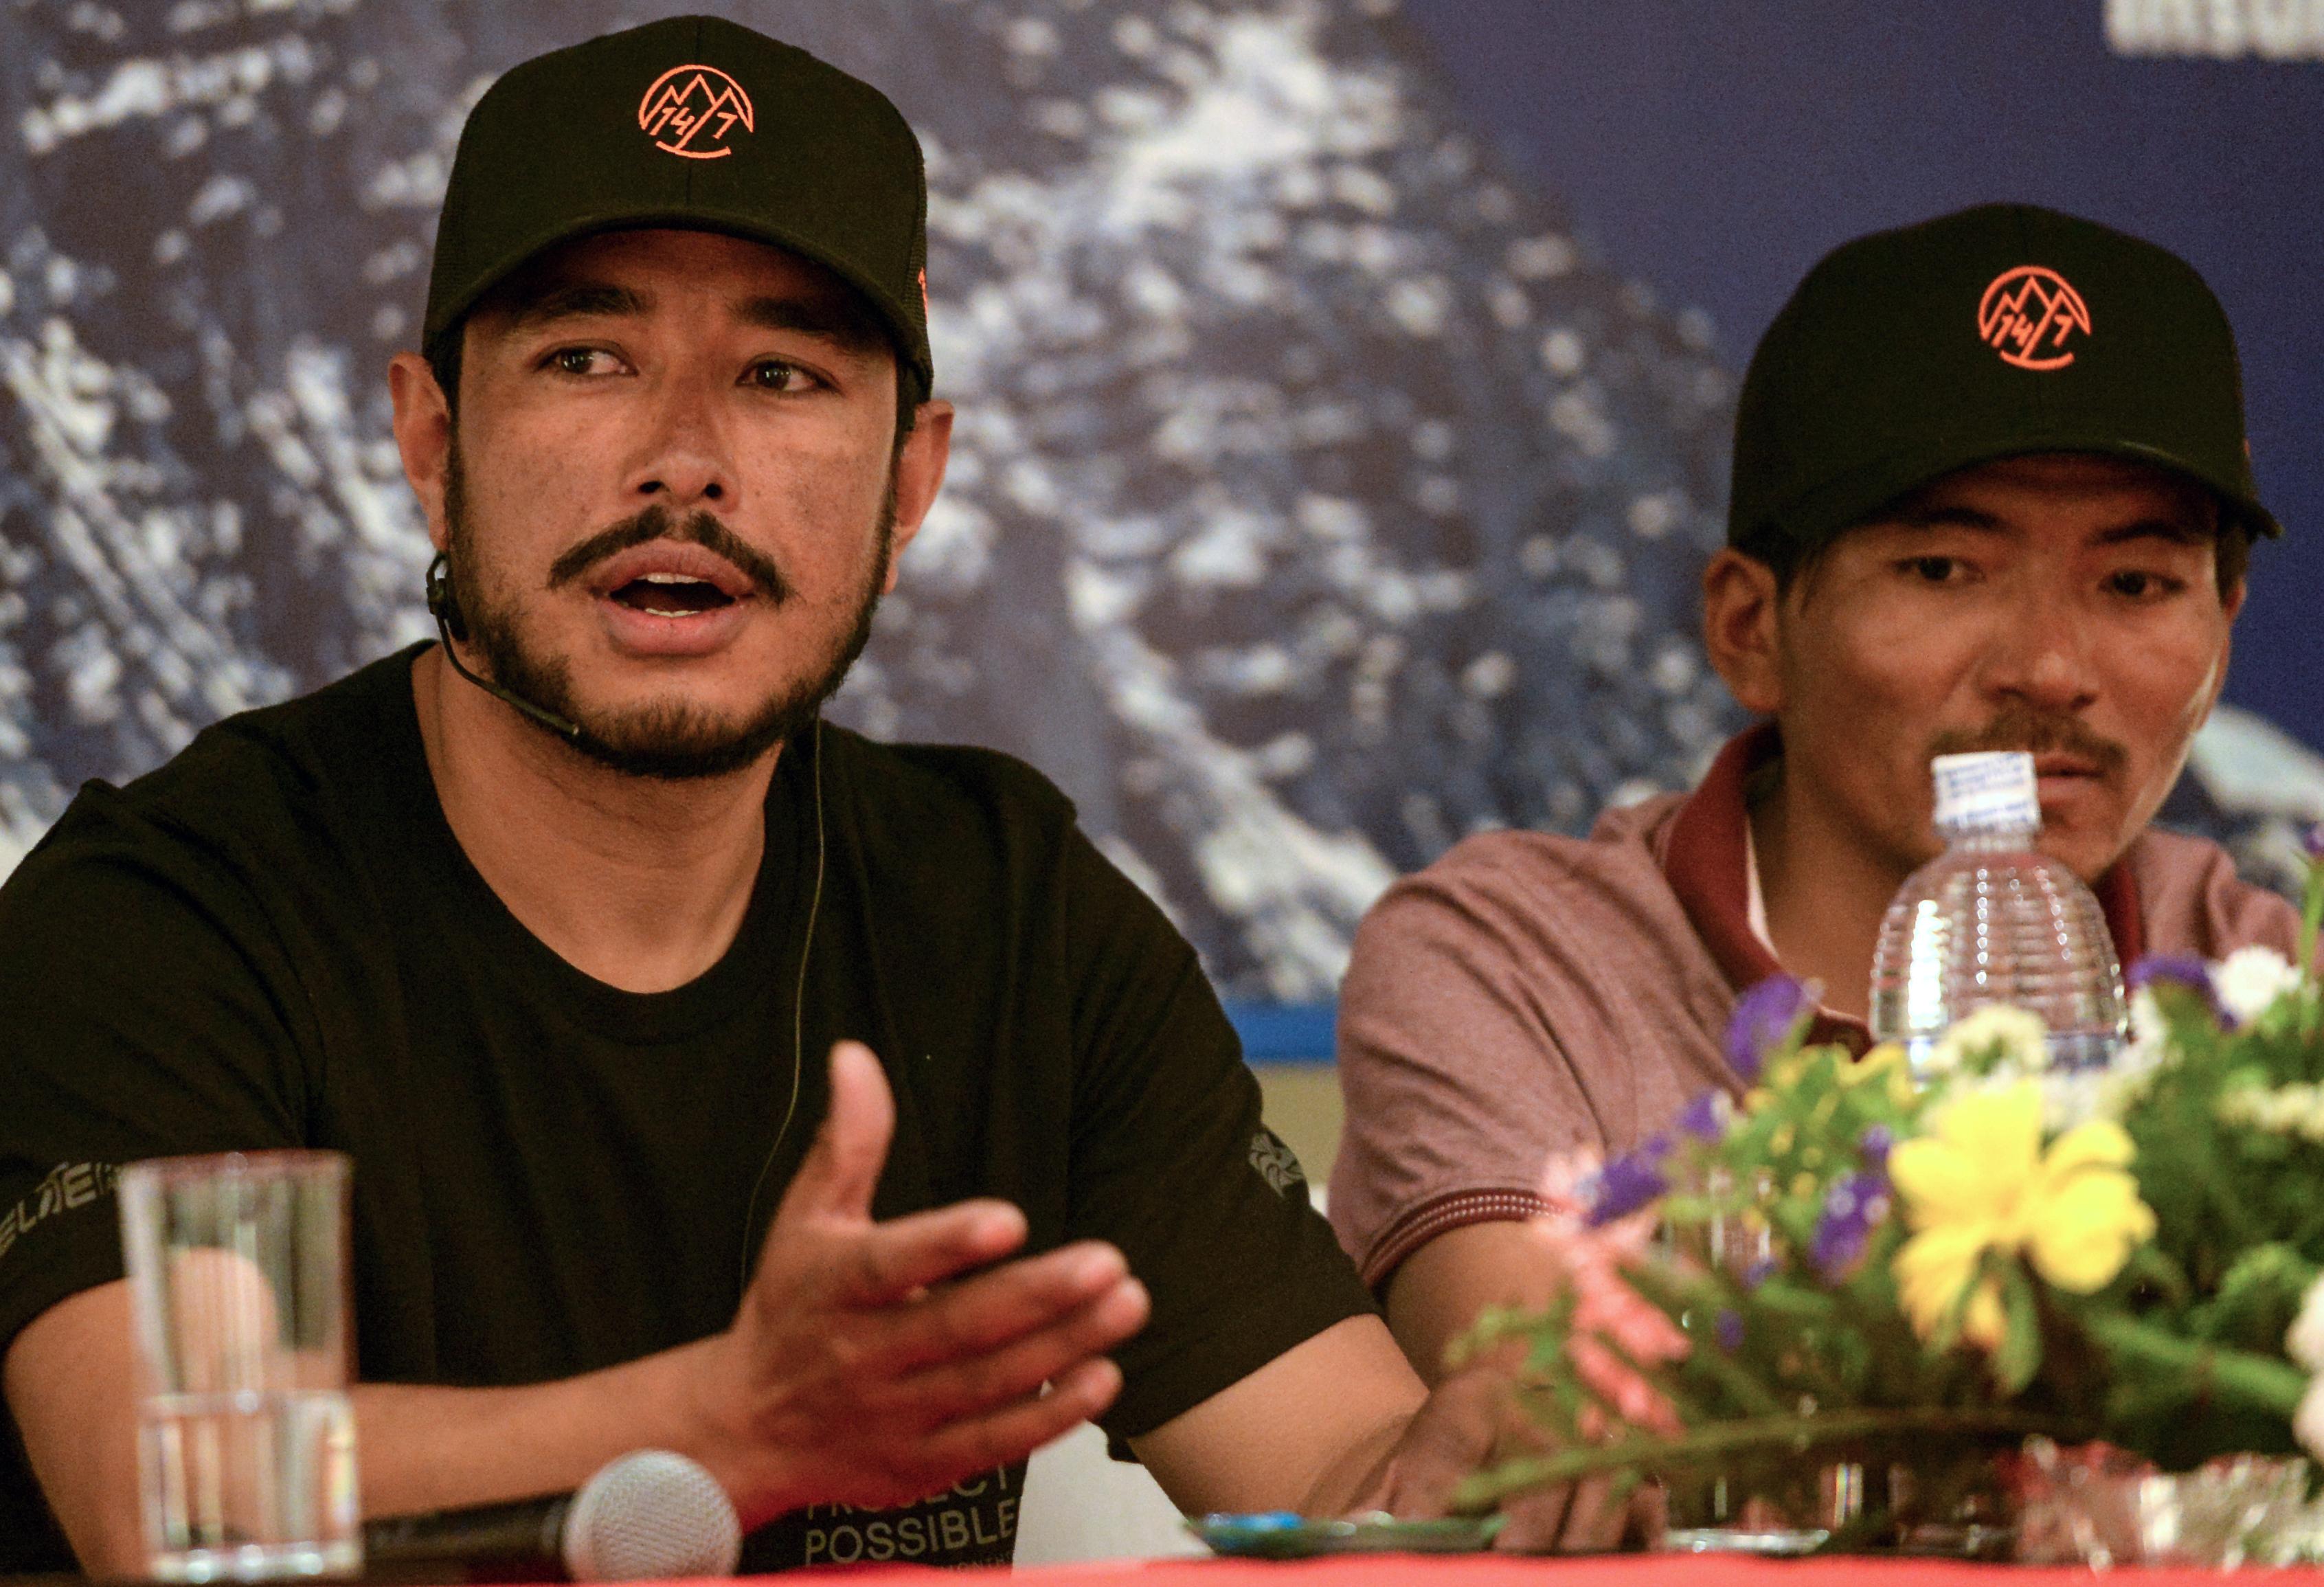 Már 13 csúcsot megmászott a nepáli hegymászó, de az utolsónál a kínai hatóságok az útjába álltak